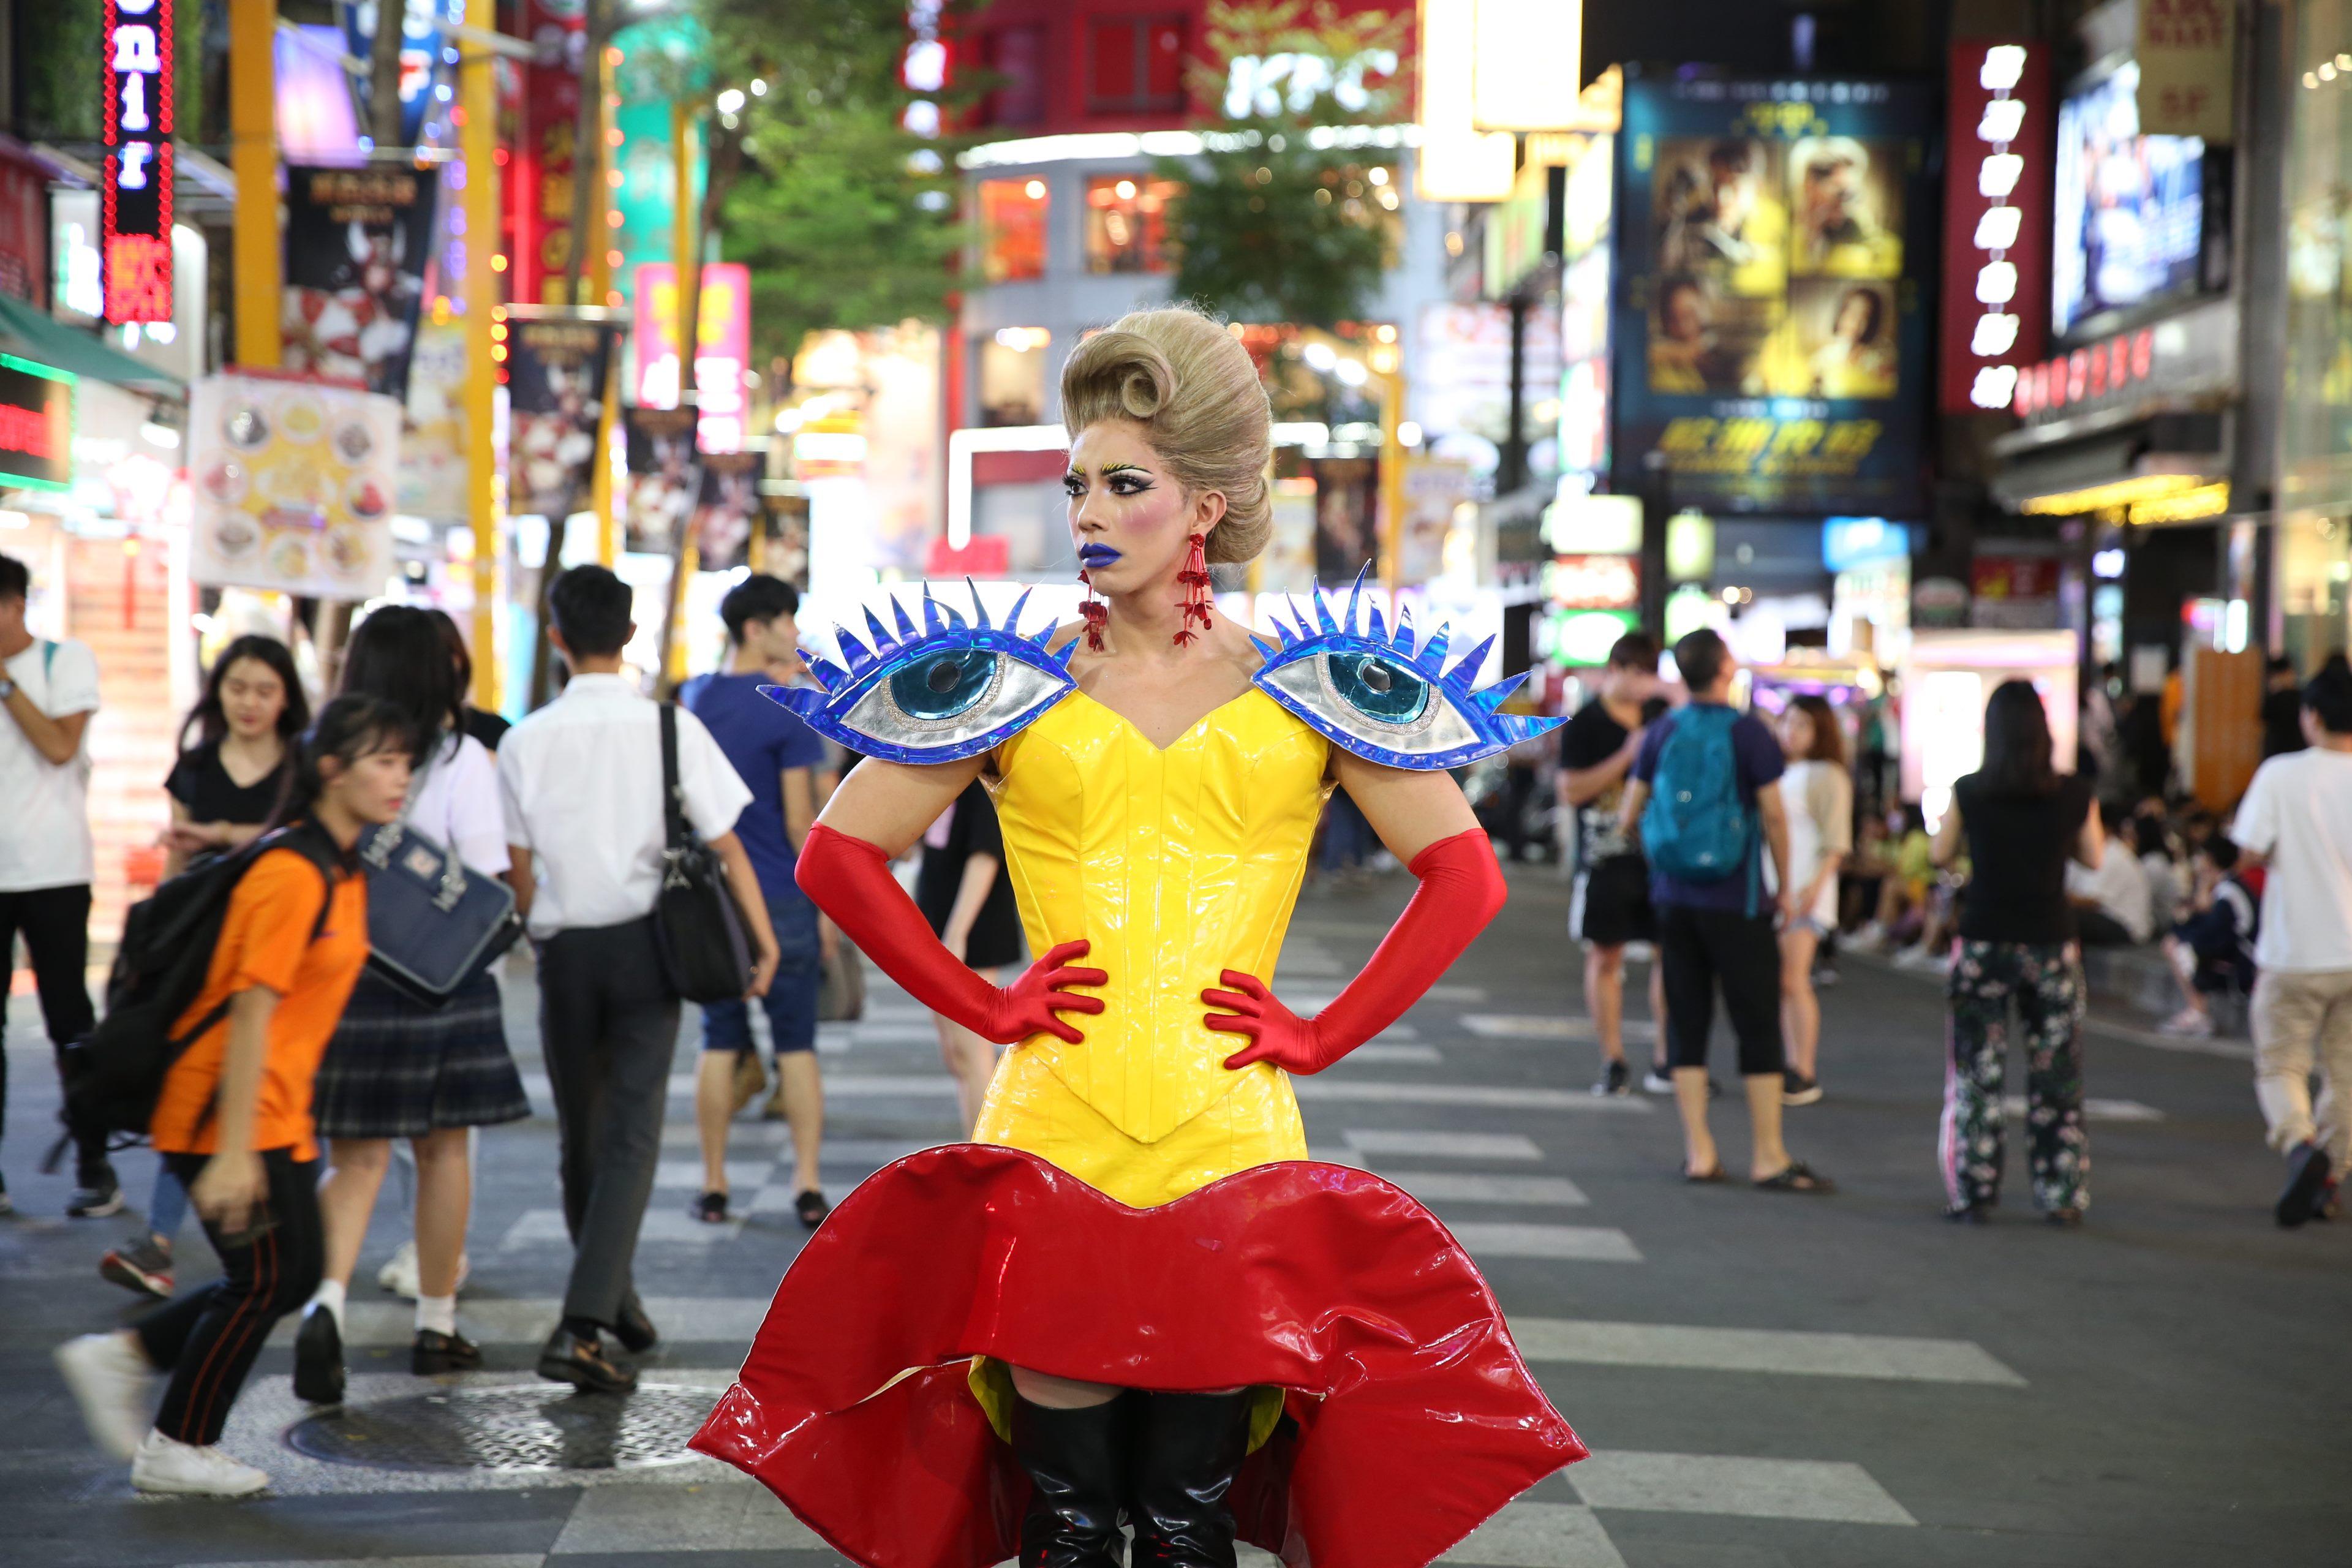 觀傳局邀請泰國變裝皇后潘潘採現,展現臺北的多元性